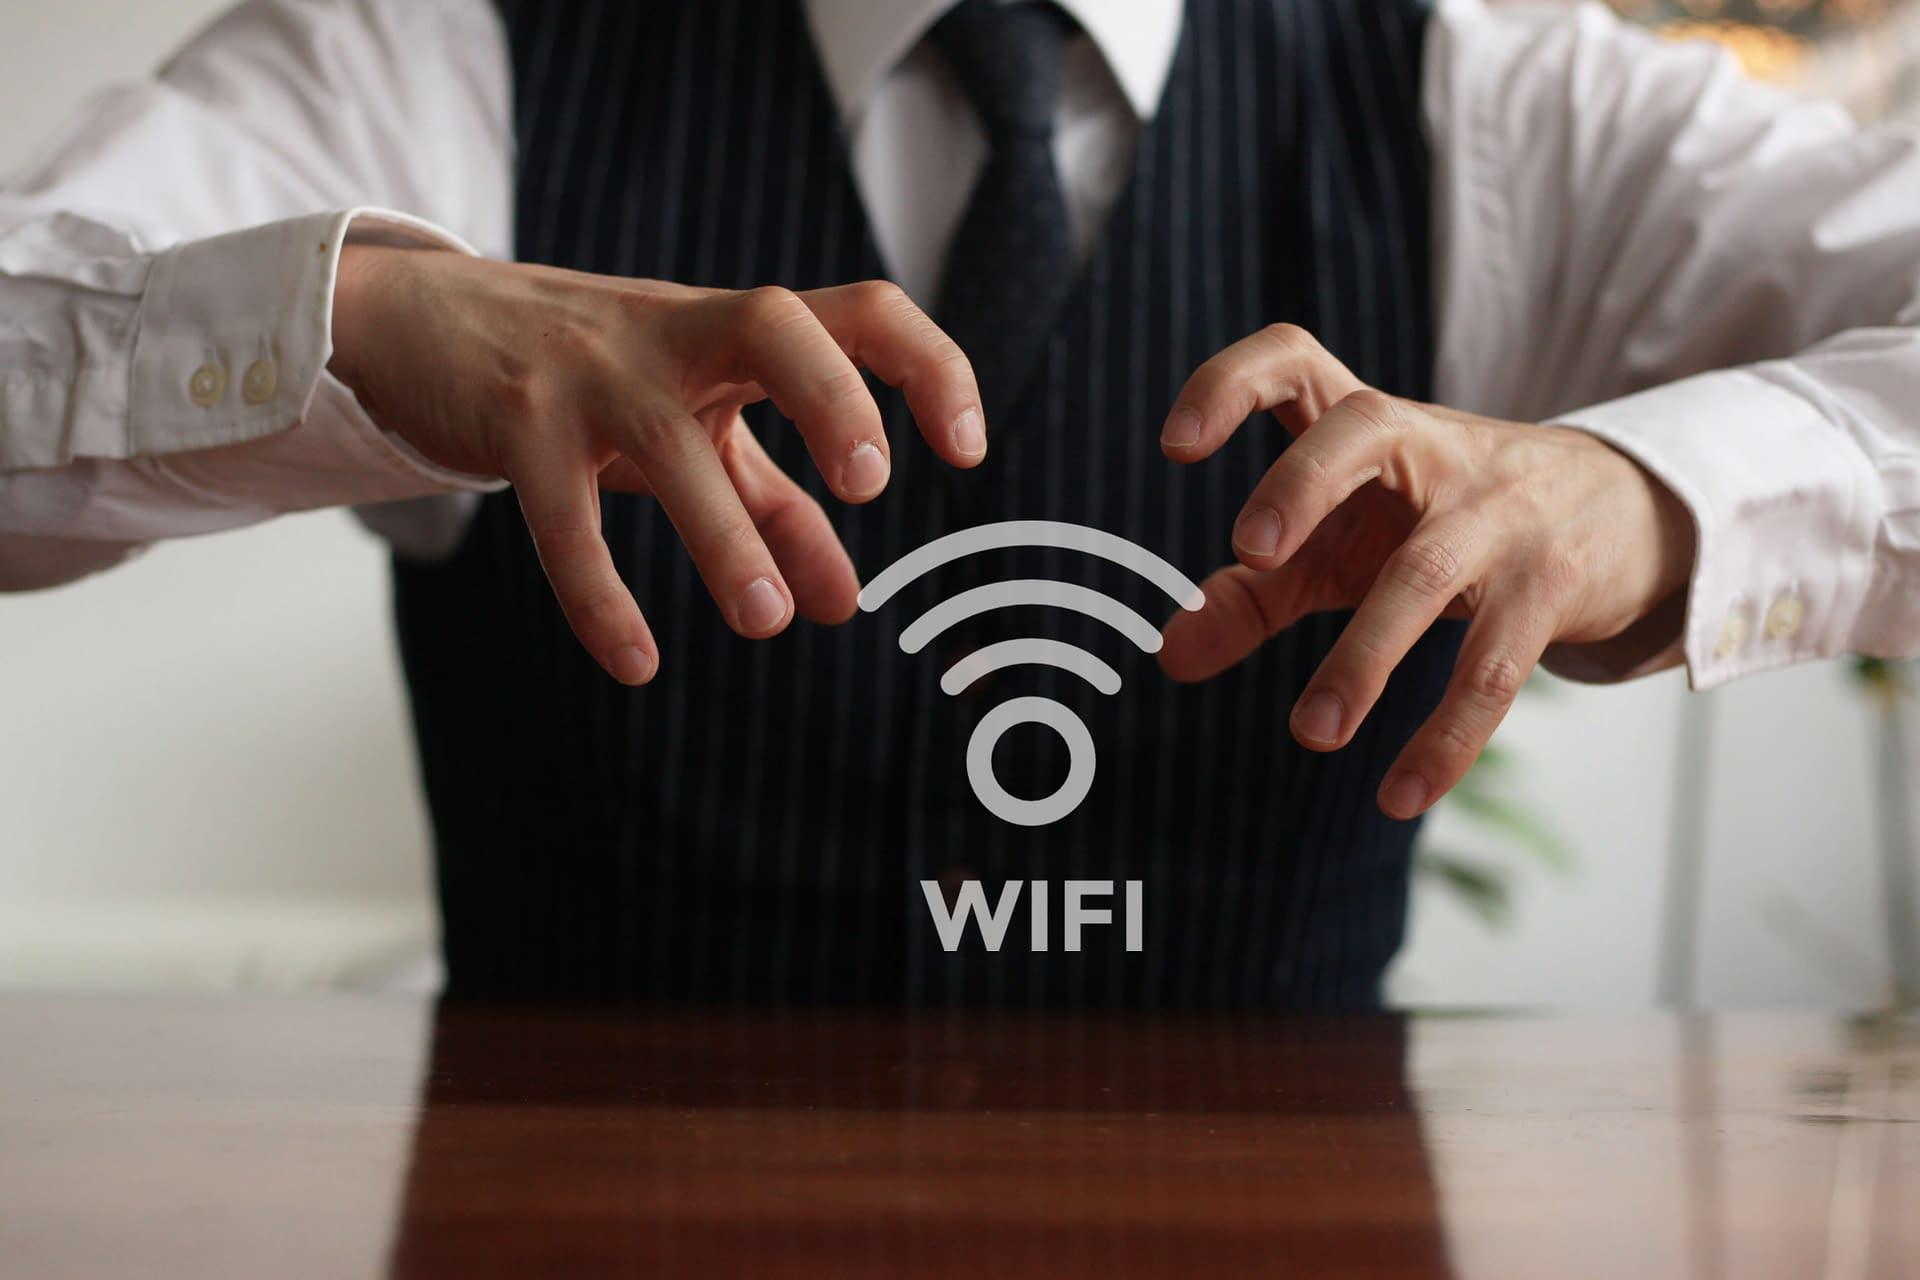 Signifikanter Anstieg von Angriffen auf private WLAN Router